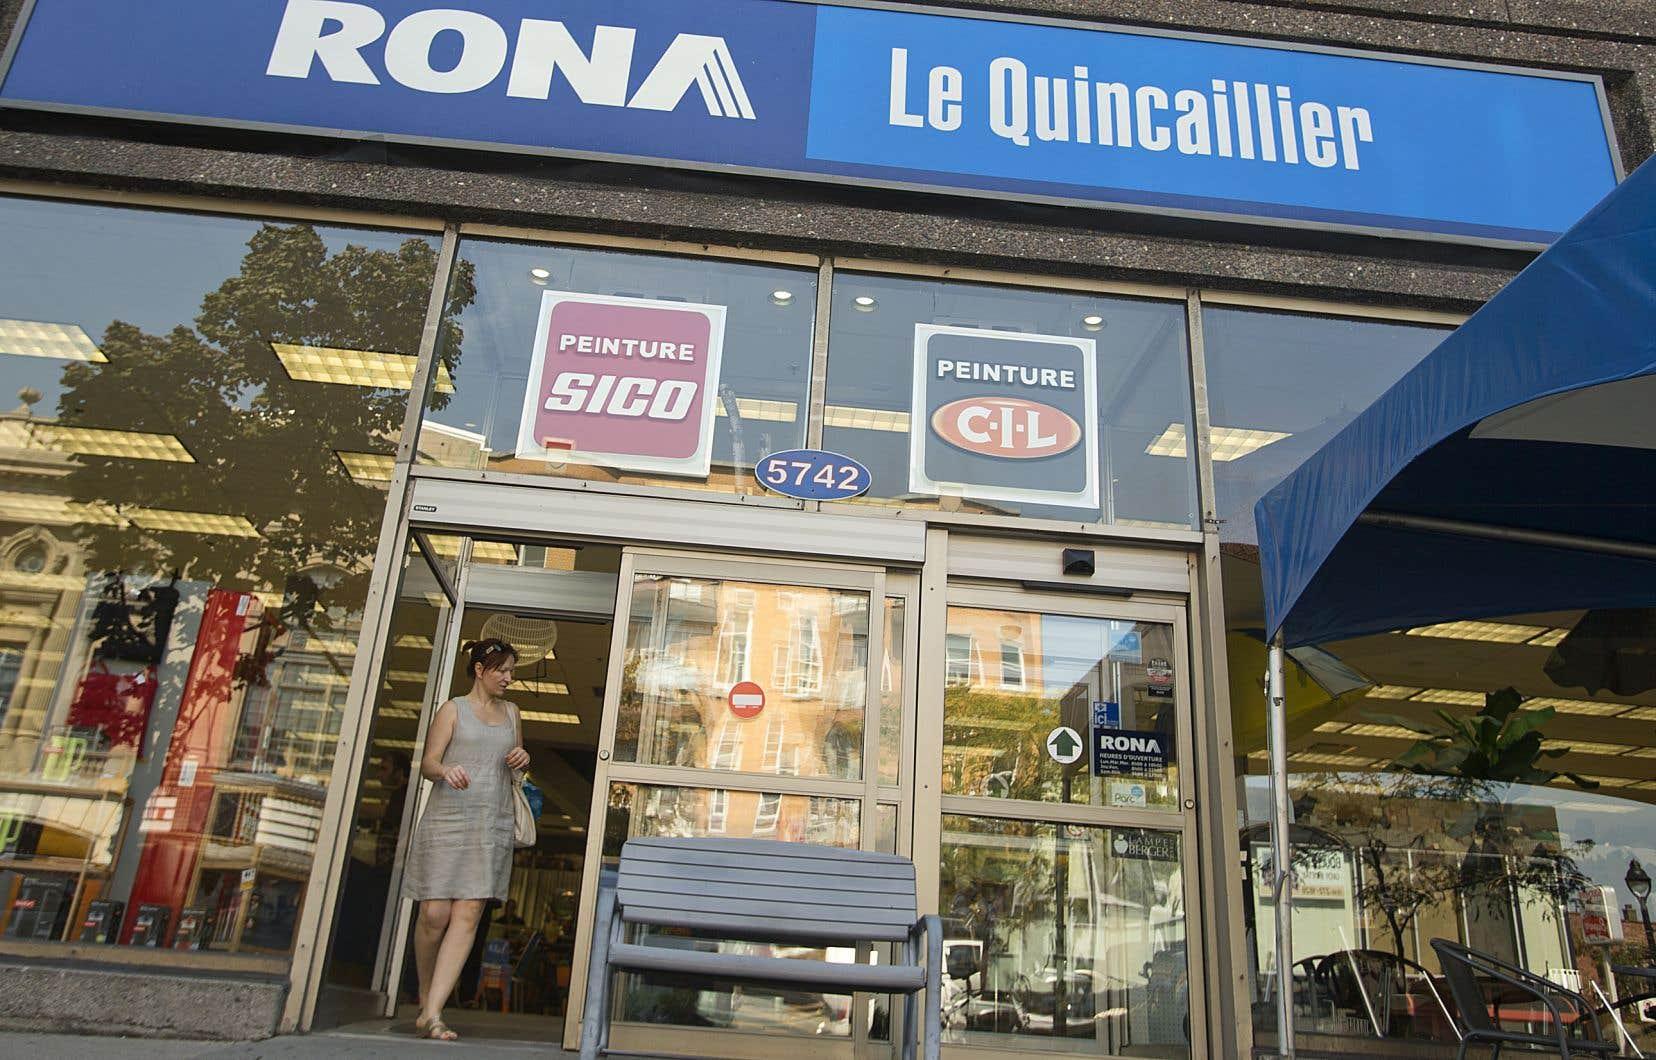 Pour certains, les sorties du premier ministre Legault et de son ministre de l'Économie, à la suite des licenciements survenus chez Lowe's, représentent carrément un appel au boycottage qui provoque une onde de choc nuisible à plusieurs entrepreneurs québécois.